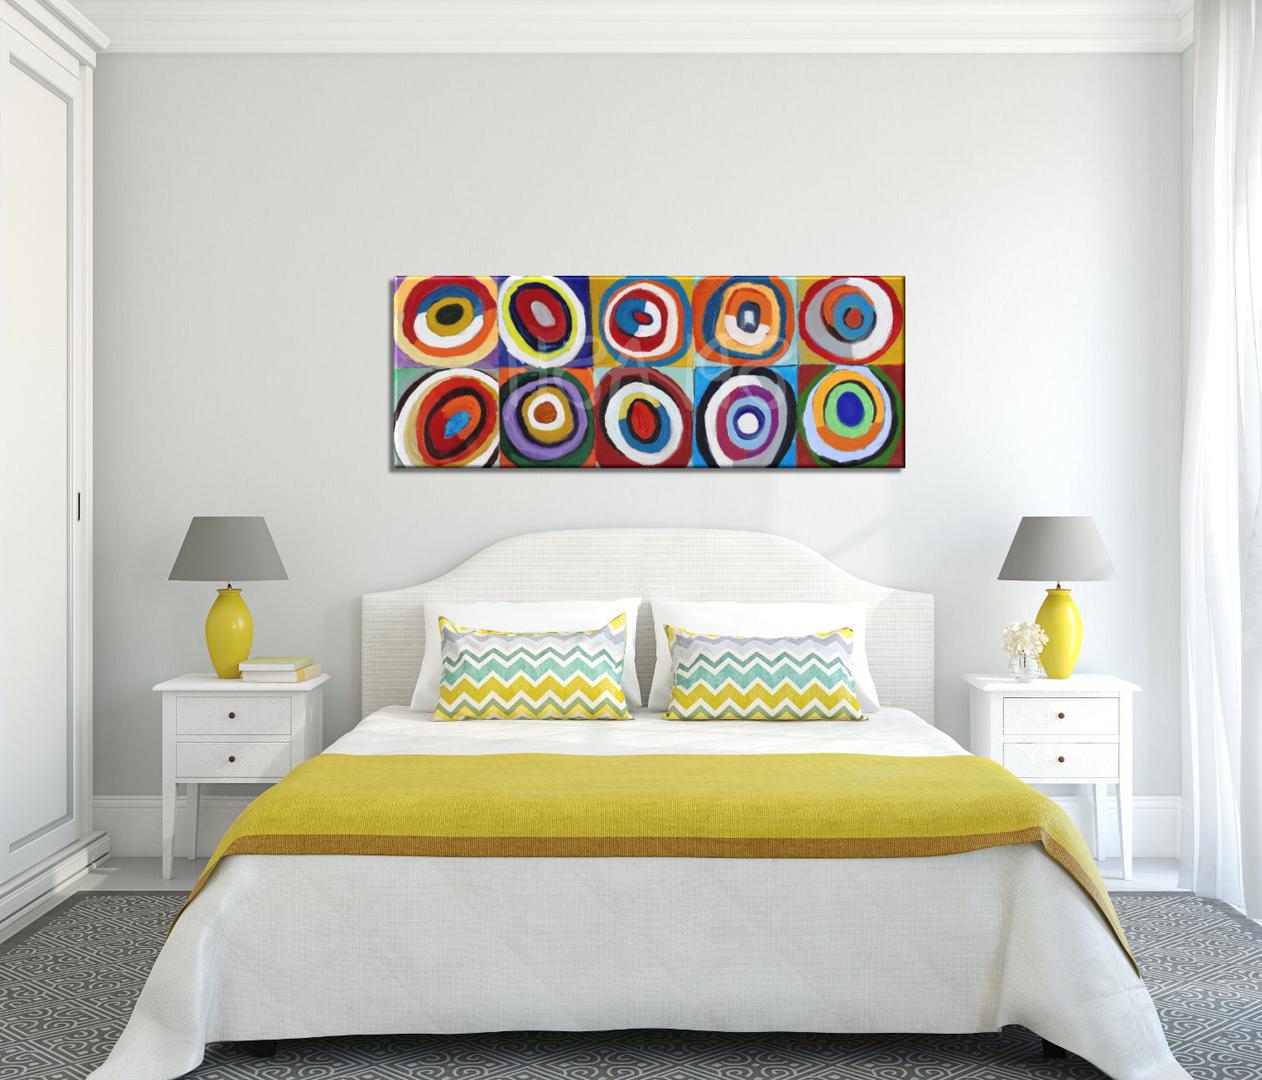 Cuadros De Cabecera De Cama D0dg Cuadros Abstractos Cabecero CÃ Rculos Colores Kandinsky Dormitorios